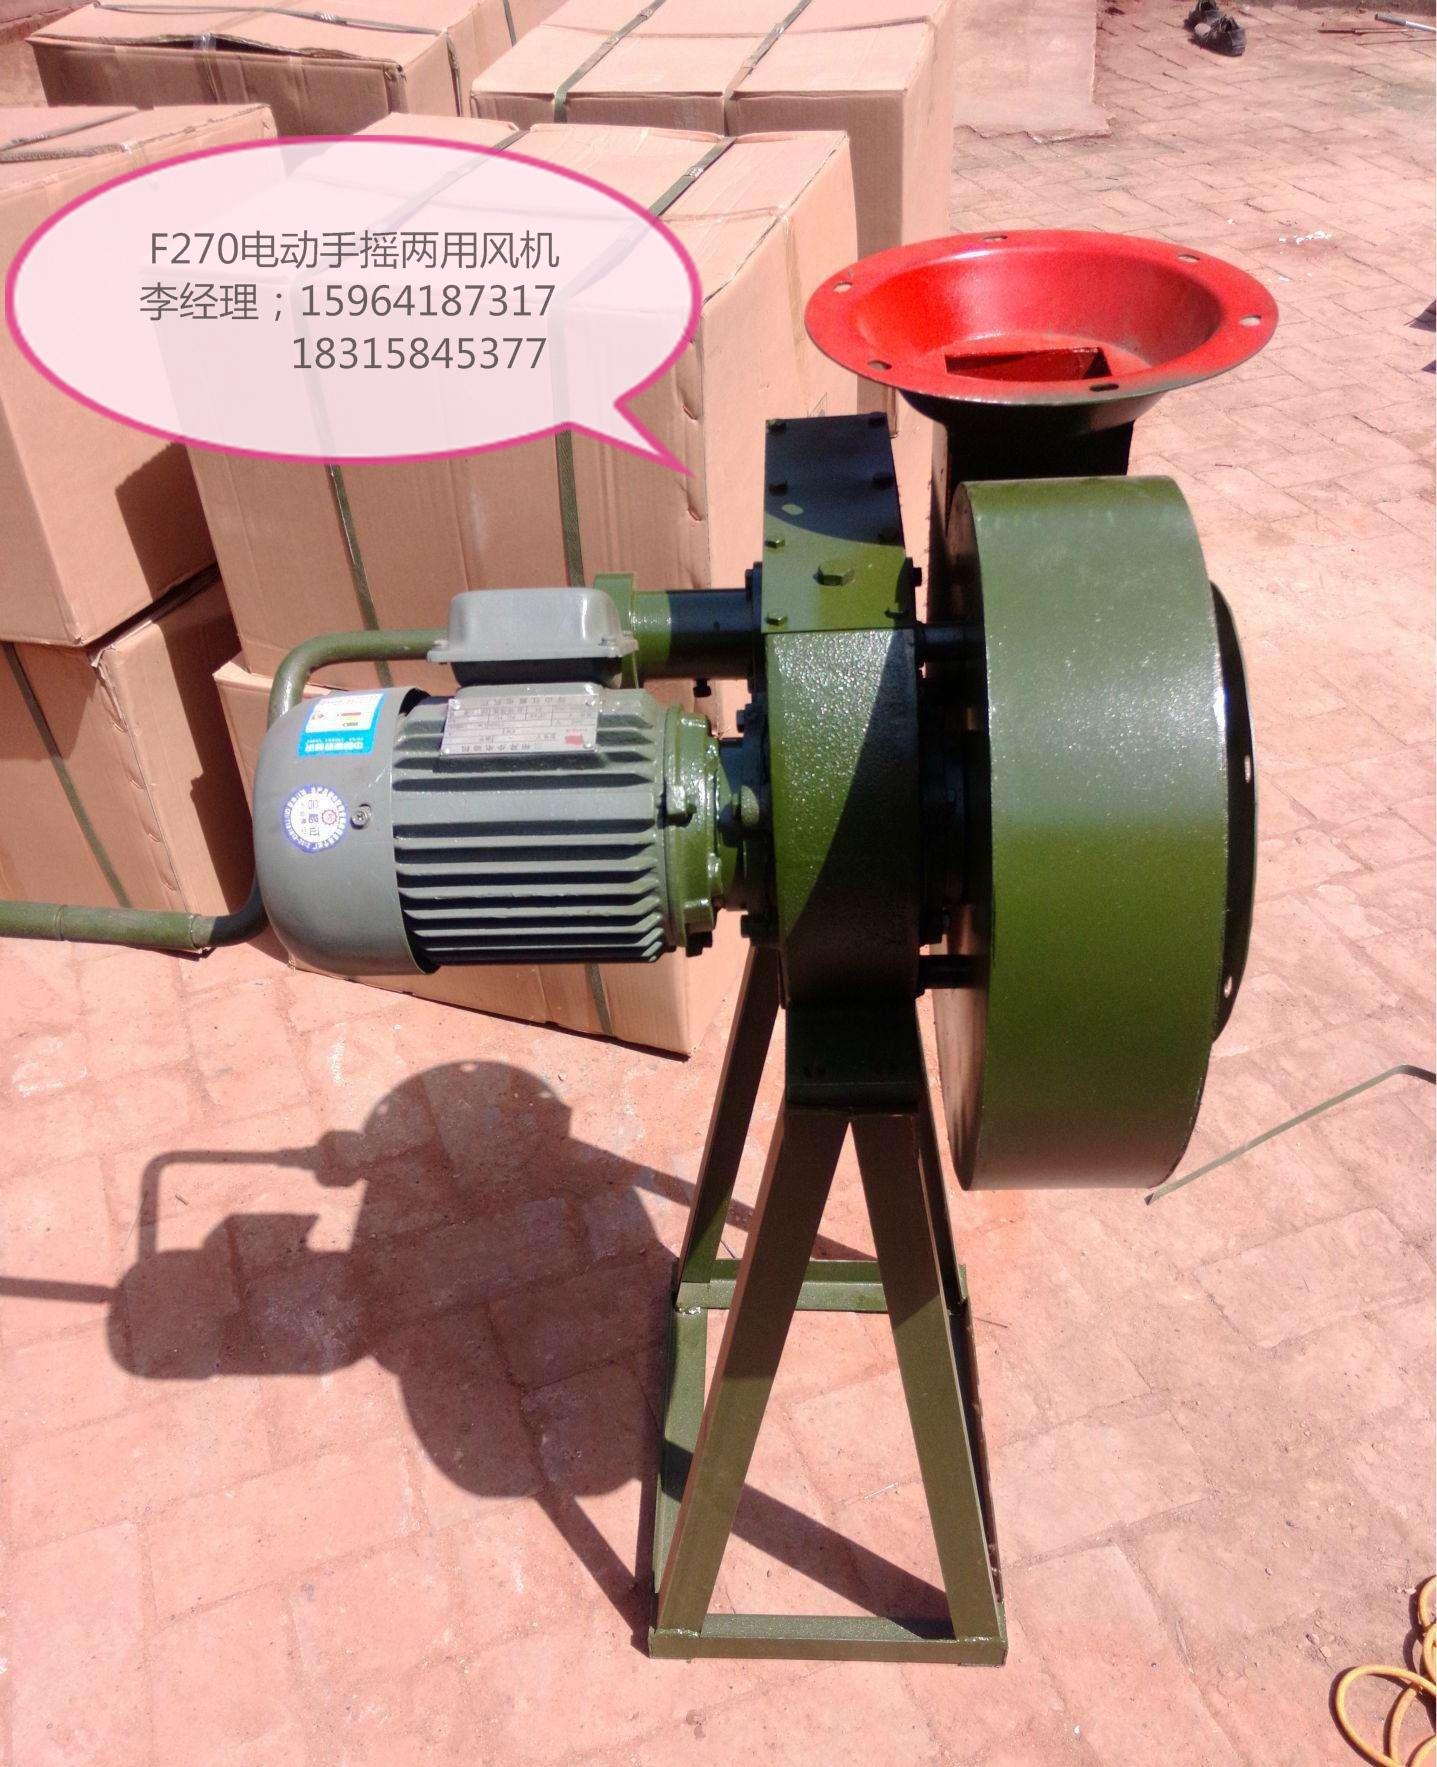 人防设备F270-II电动手摇两用风机